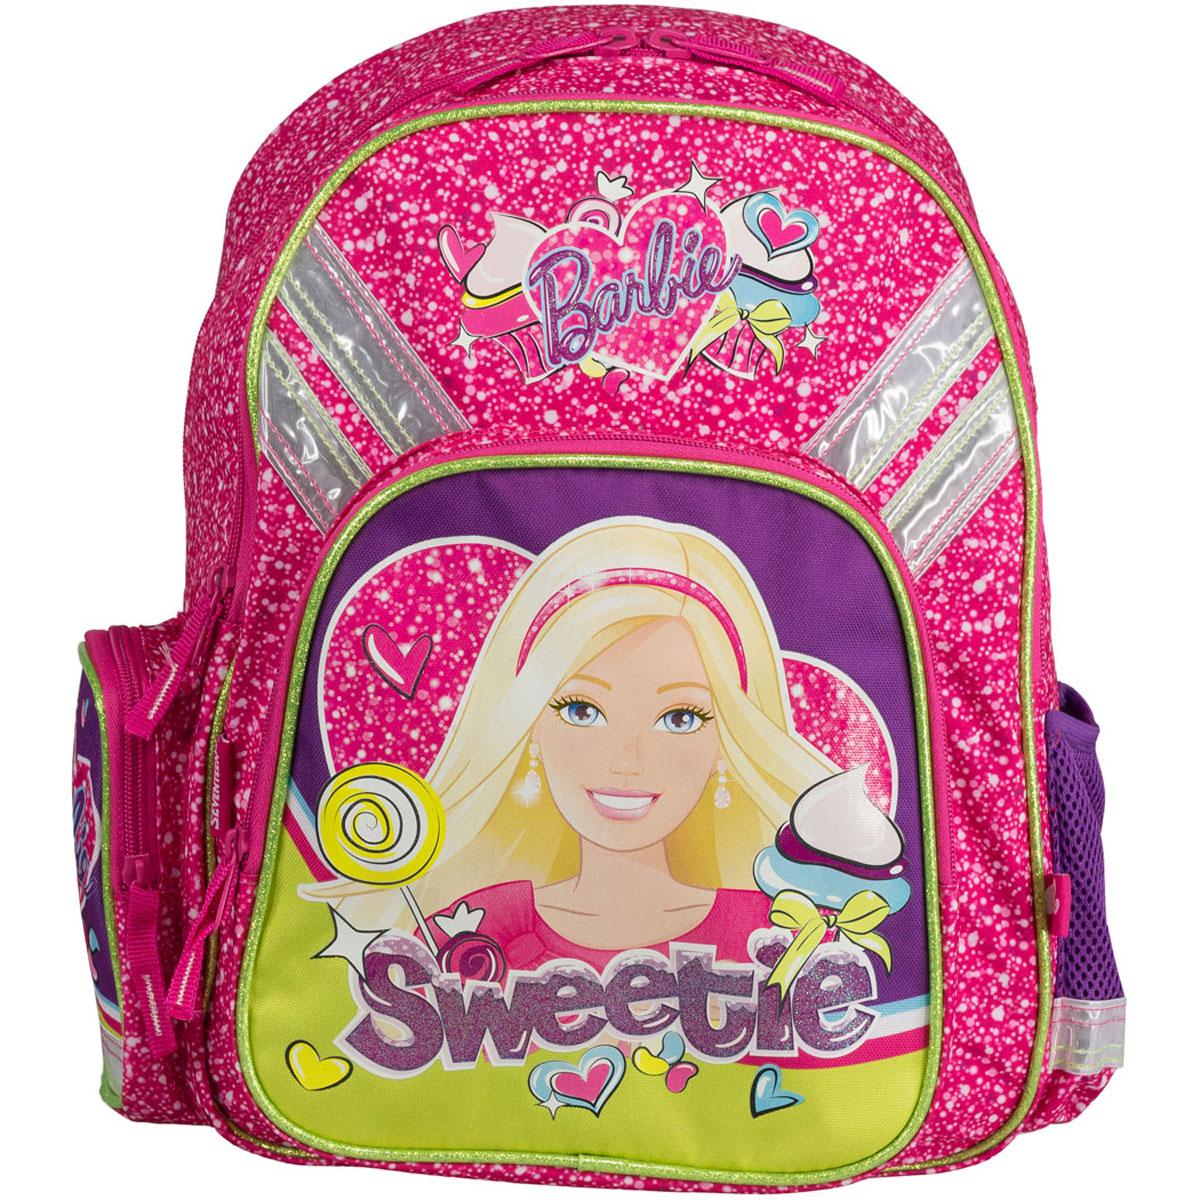 Набор школьницы Barbie. BRCS-UT1-51BOX72523WDВашему вниманию предлагается все самое необходимое для школьника в одном наборе. В состав набора входит рюкзак, пенал, фартук, сумка-рюкзак для обуви и кошелек, выполненные в одном стиле.Школьный ранец выполнен из износоустойчивых материалов с водонепроницаемой основой, декорирован аппликацией и рисунками в тематике куклы Барби.Ранец имеет два основных отделения, закрывающиеся на молнию. Внутри главного отделения расположены два разделителя, для тетрадей и учебников. На лицевой стороне ранца расположен накладной карман на молнии. По бокам ранца размещены два дополнительных накладных кармана, один открытый на резинке и один на застежке-молнии. Ортопедическая спинка, созданная по специальной технологии из дышащего материала, равномерно распределяет нагрузку на плечевые суставы и спину. Удлиненные держатели облегчают фиксацию длины ремней с мягкими подкладками. Ранец оснащен удобной ручкой для переноски и двумя широкими лямками, регулируемой длины.Пенал мягкий с одним отделением на молнии. Размер пенала: 21 х 10 х 6. Сумка-рюкзак для обуви с одним отделением. Сумка выполнена из прочного водонепроницаемого полиэстера и содержит одно вместительное отделение, затягивающееся с помощью текстильных шнурков. Шнурки фиксируются в нижней части сумки, благодаря чему ее можно носить за спиной как рюкзак. Размер сумки: 41 х 34. Кошелек-портмоне на липучке с одним отделением для купюр и кармашком на молнии. Кошелек дополнен текстильным шнурком. Размеры кошелька в сложенном виде: 10 х 10 х 1,5. Фартук для уроков рисования выполнен из водонепроницаемого материала и имеет удобные текстильные завязки. Размер фартука: 50 х 44.